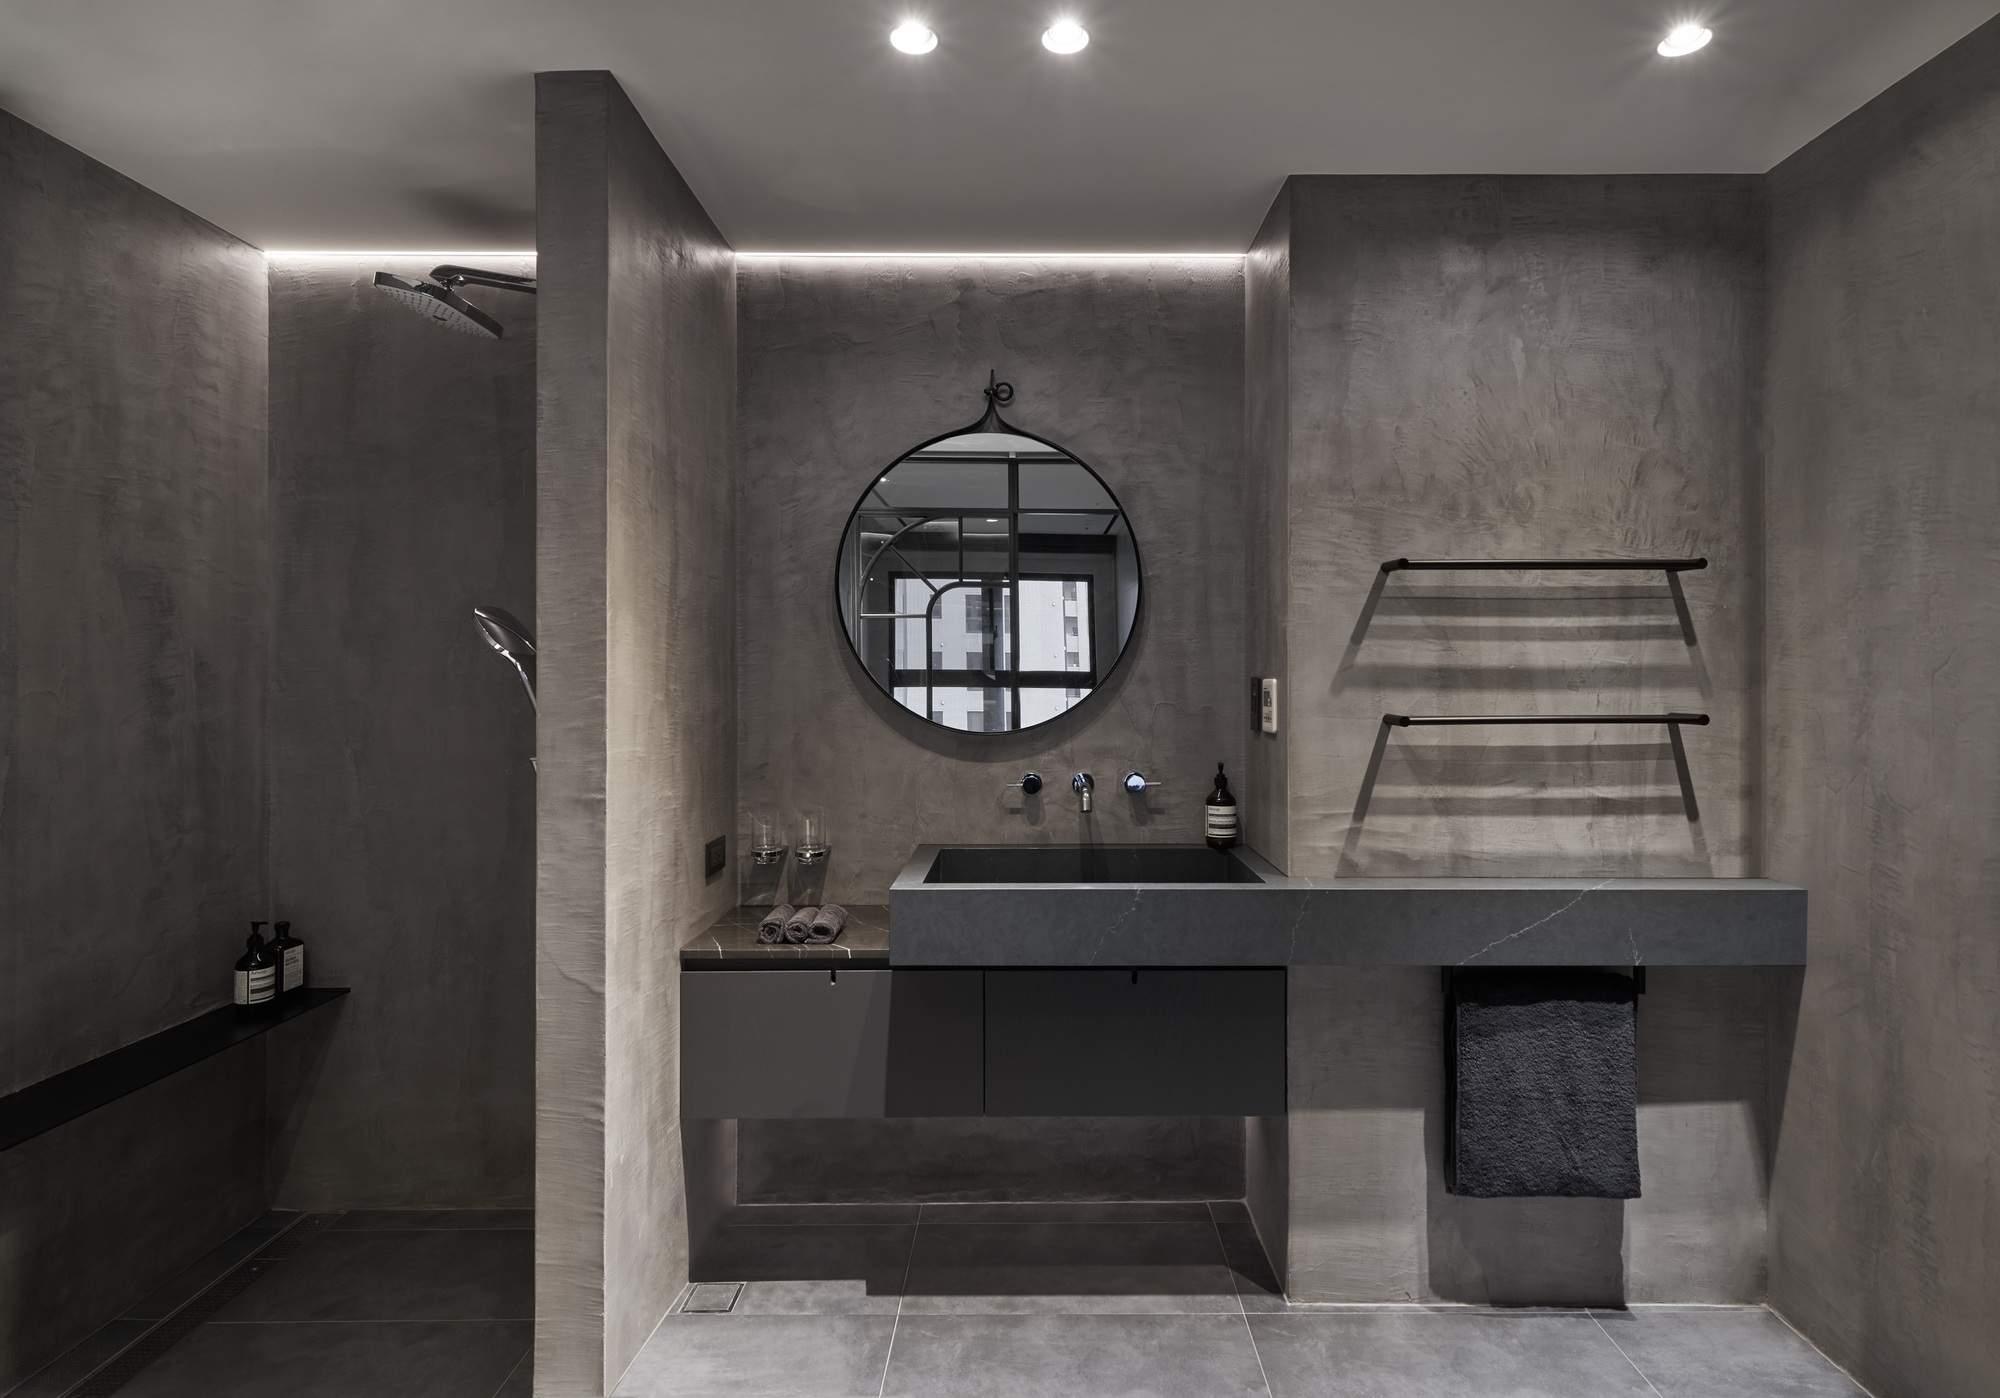 Квартира со скульптурным монохромным пространством, Тайвань